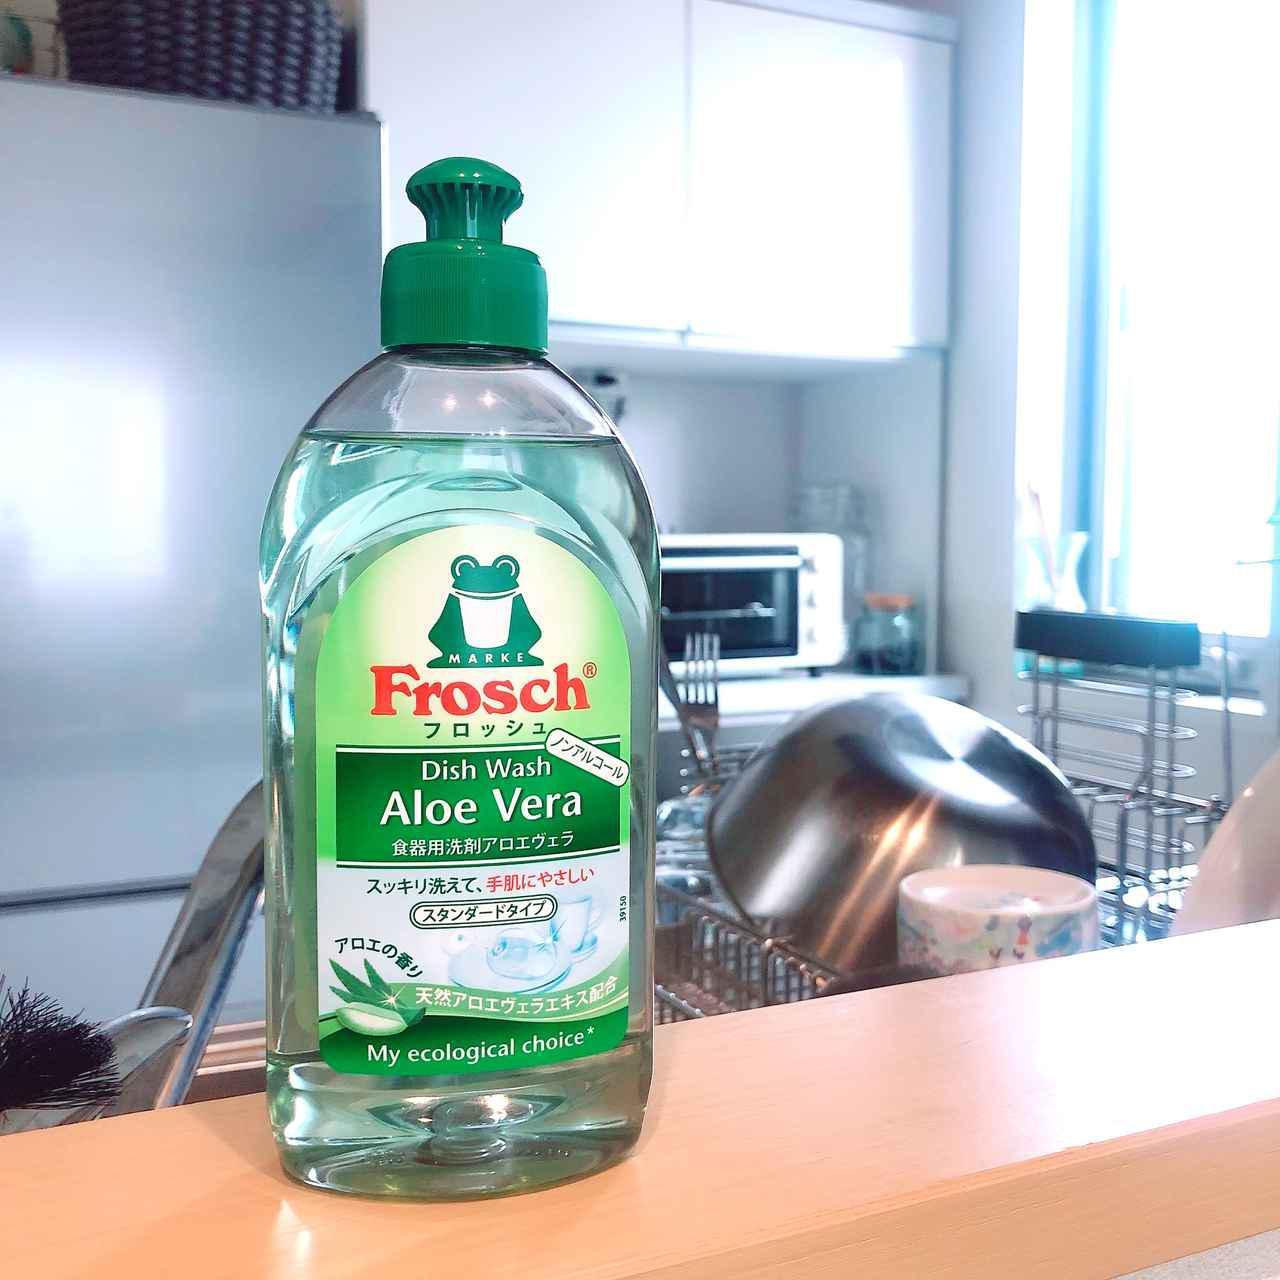 画像1: リピ5年以上!300円以下のプチプラ食器洗剤が実はすごいブランドだった件